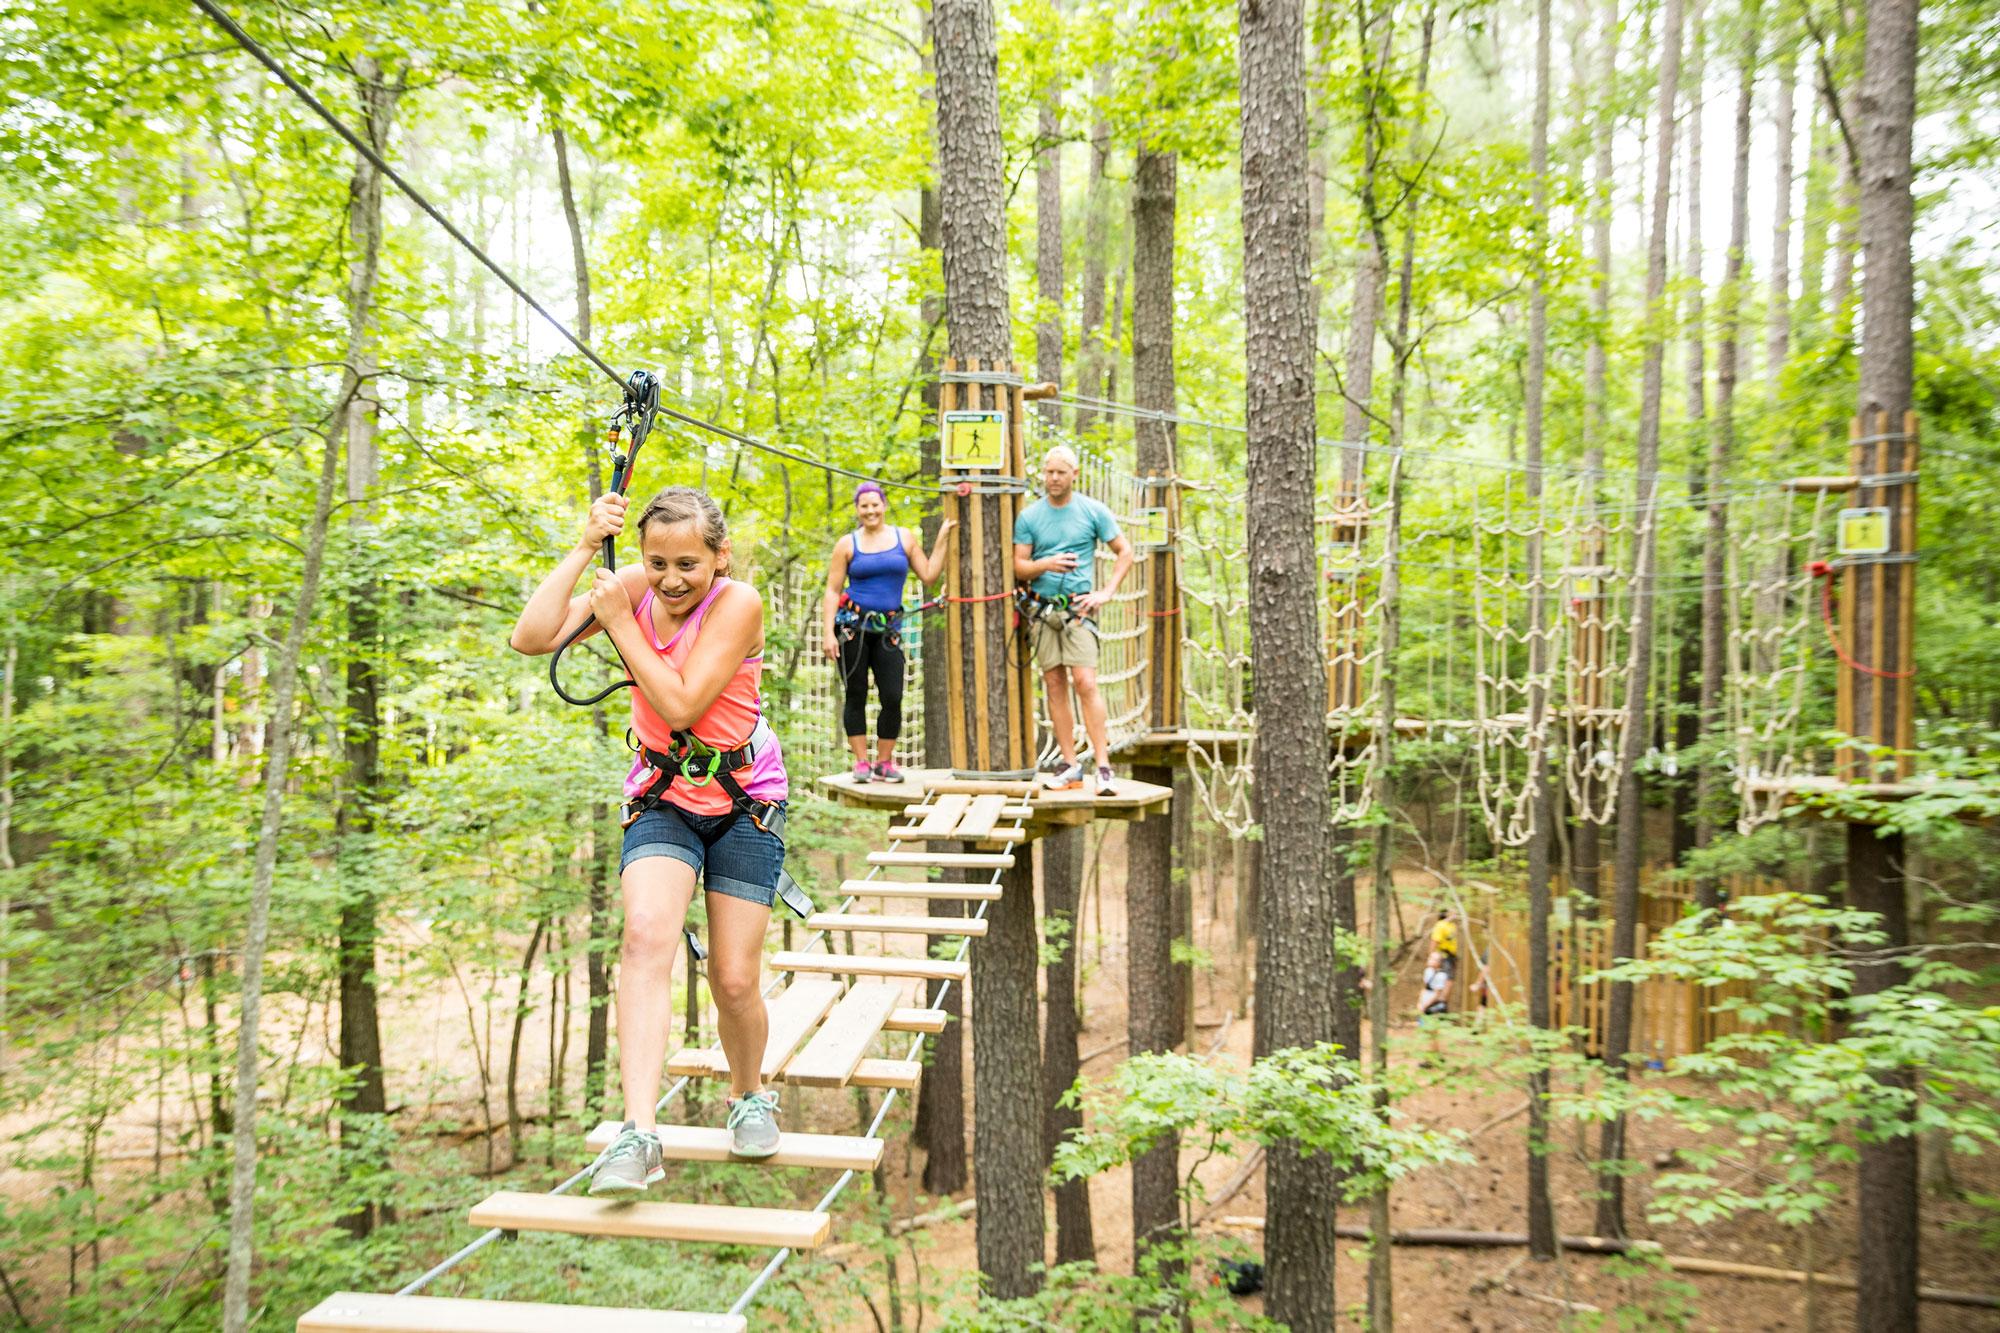 Go Ape Zip Line Treetop Adventure